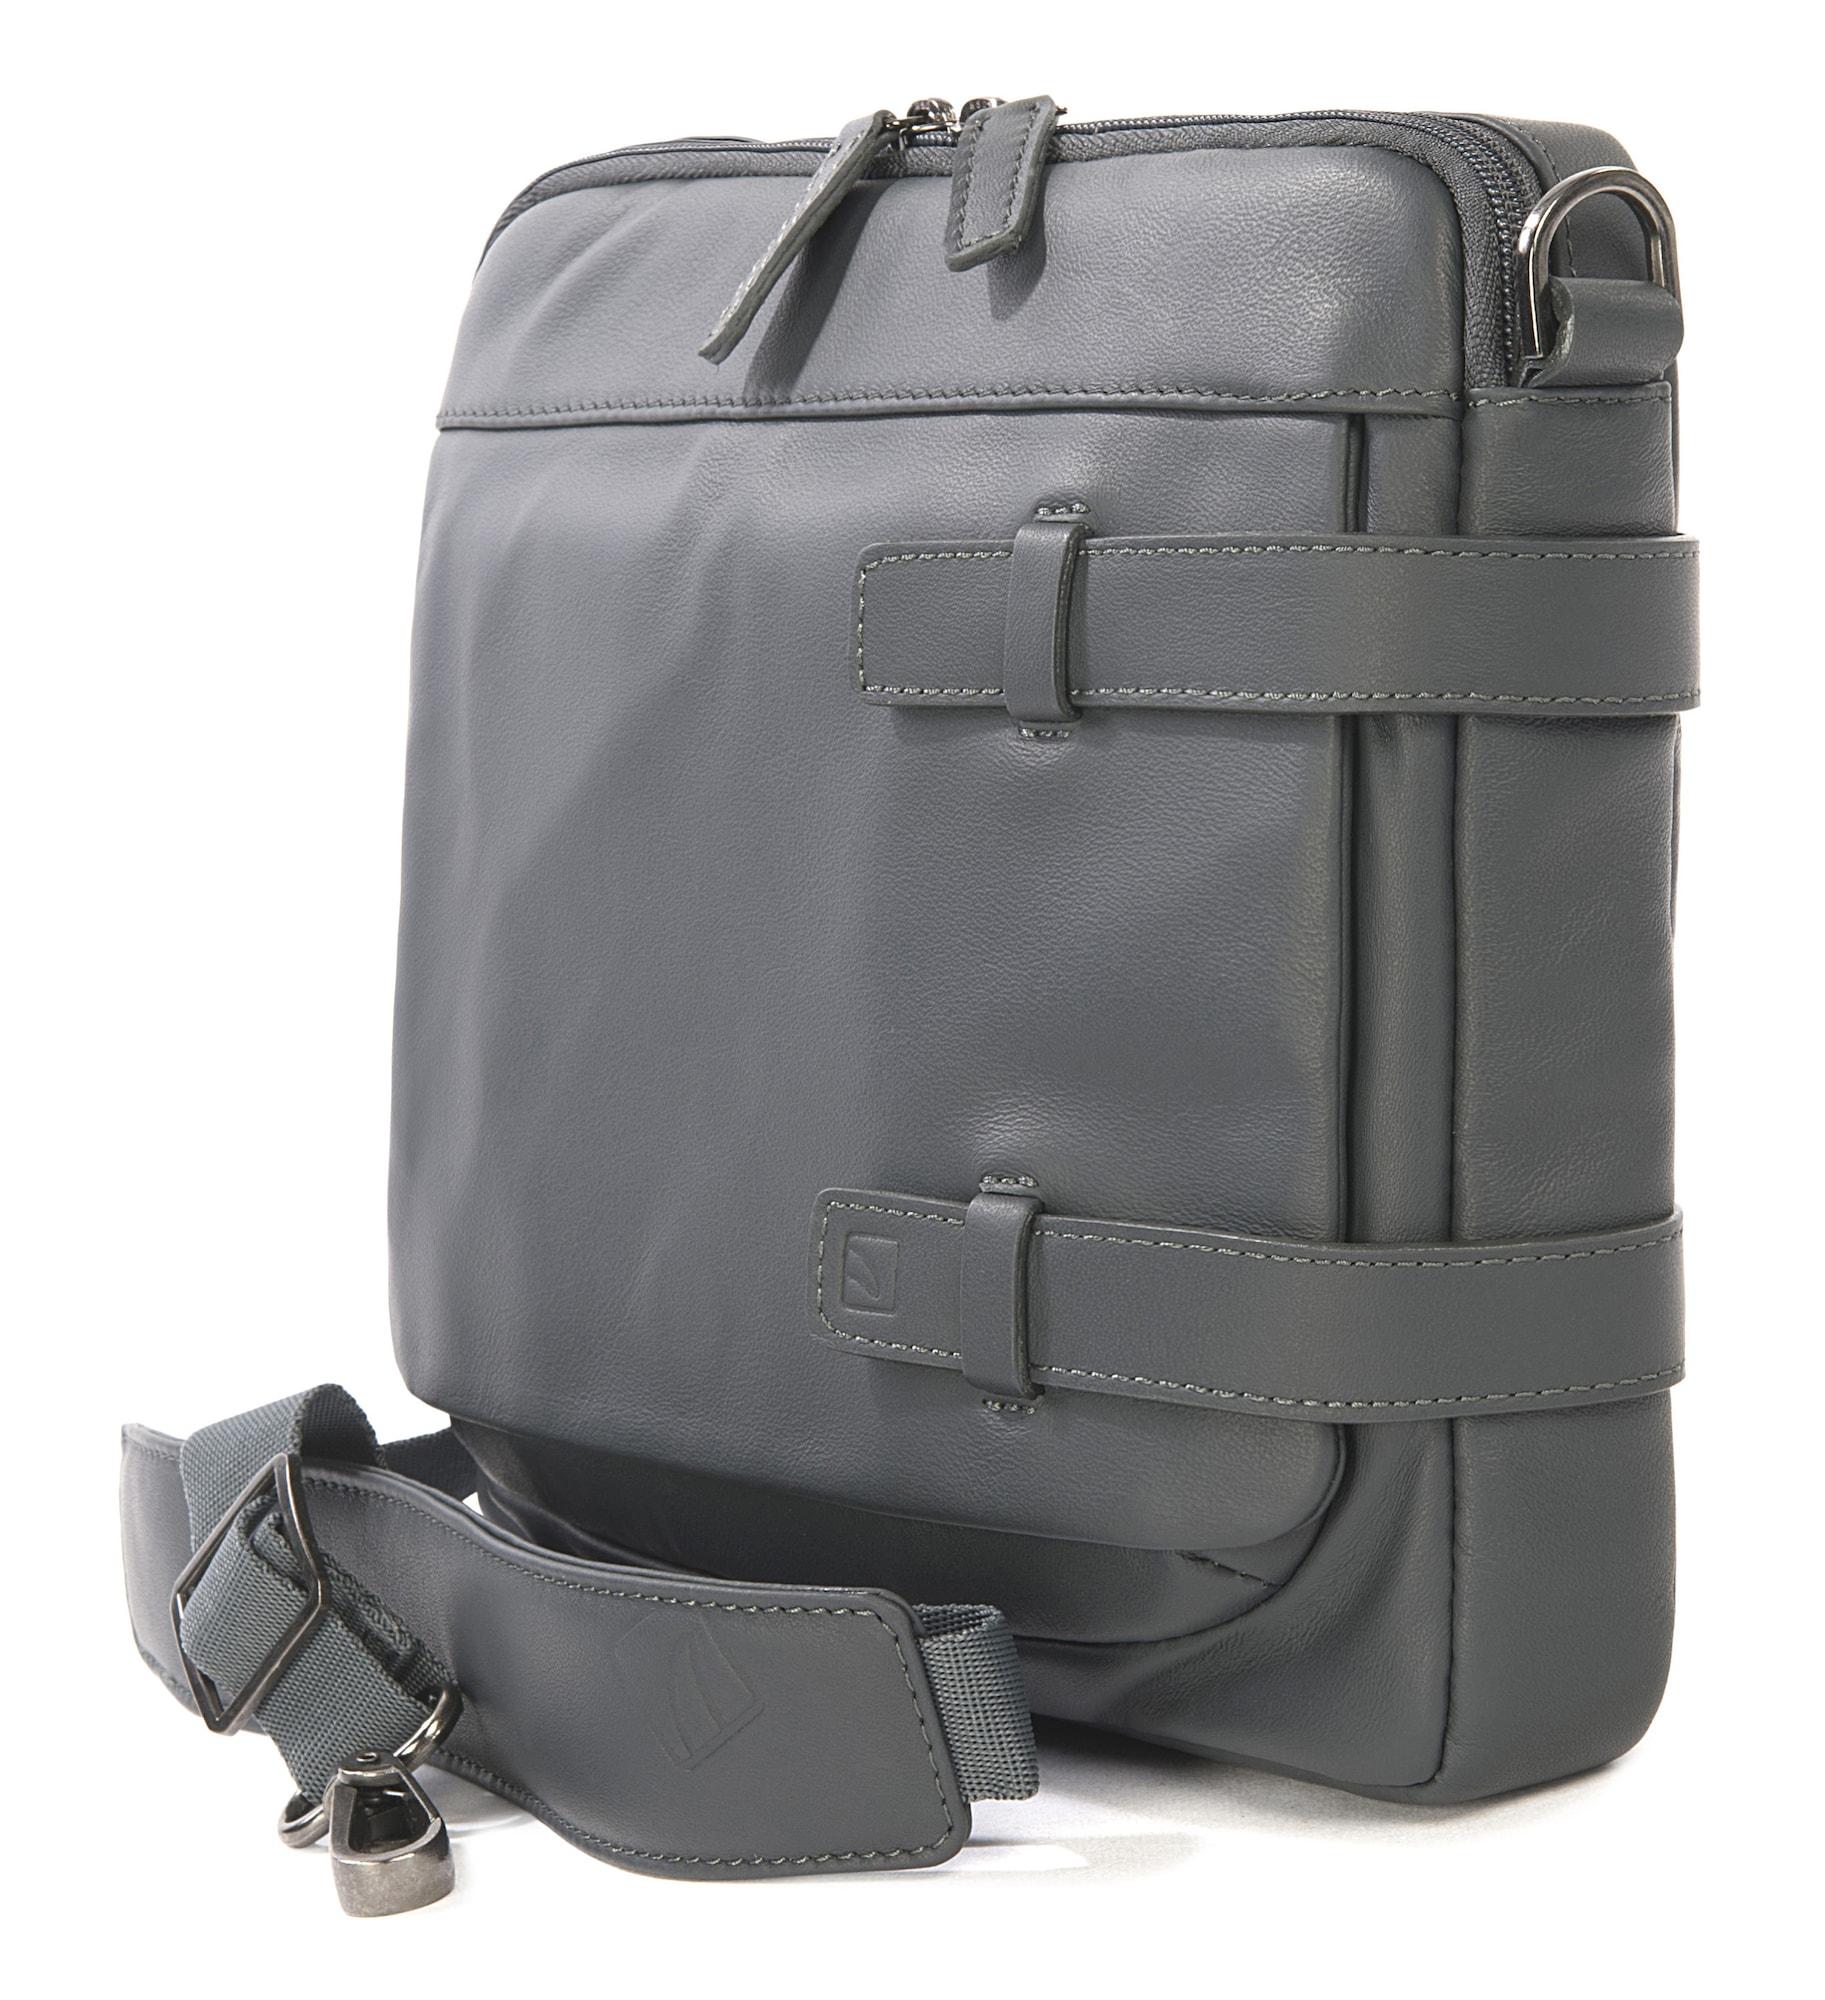 tucano - Aktentasche Leather shoulder bag